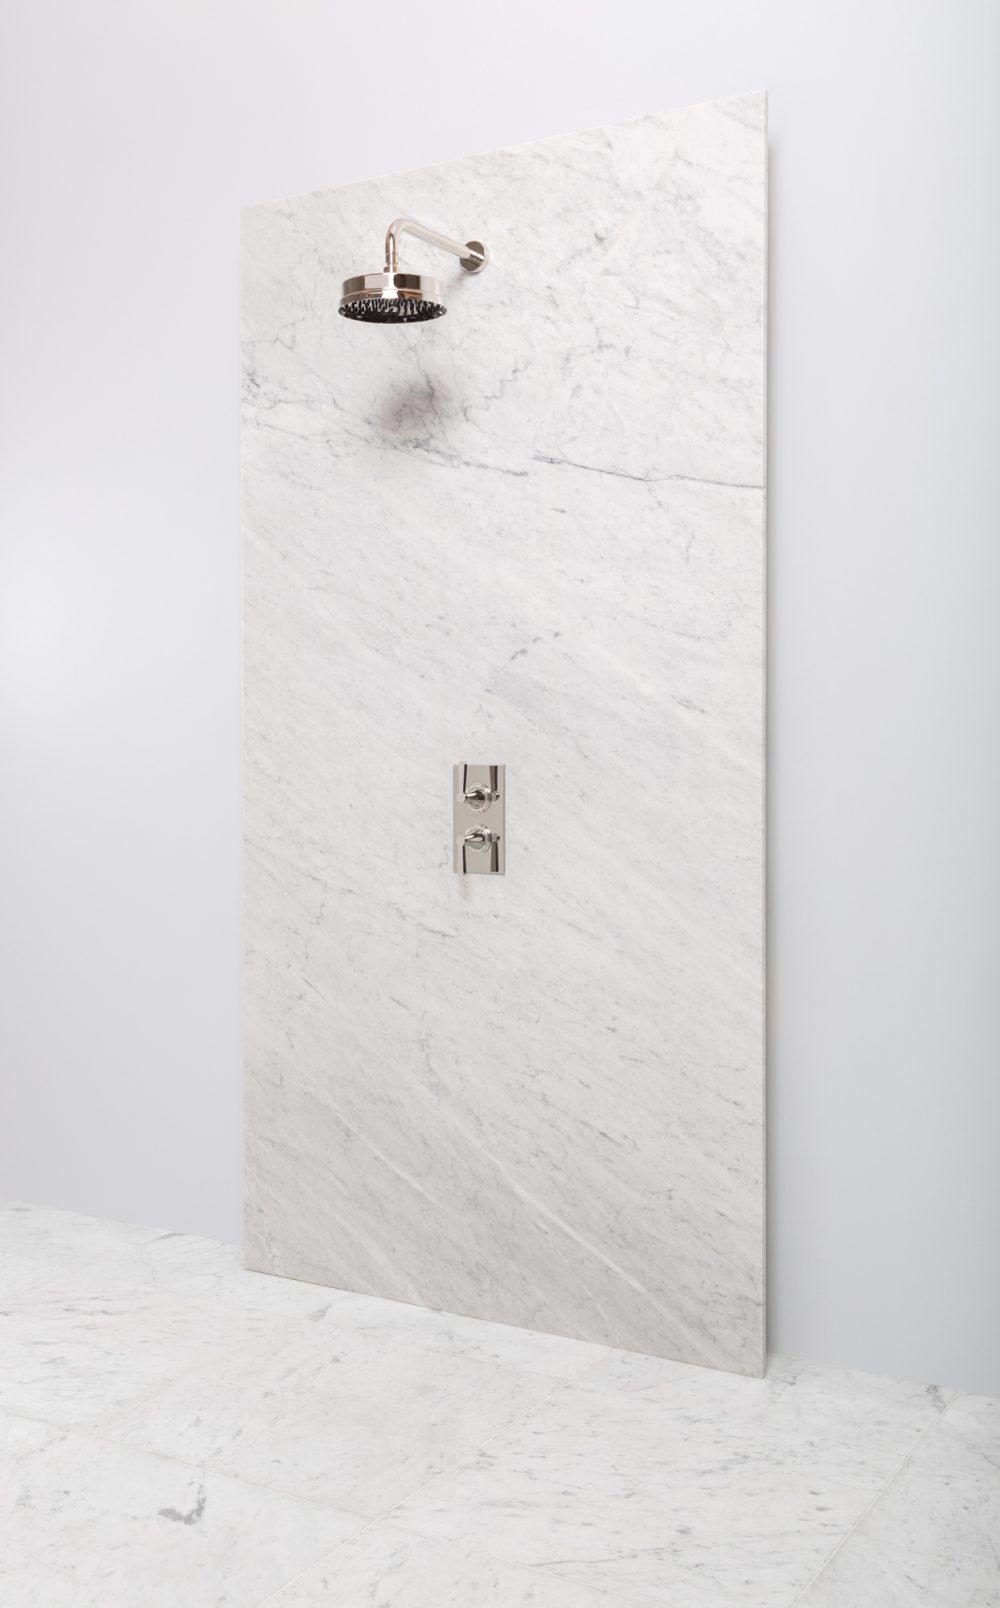 Hepworth Shower 2 Way Diverter Lever